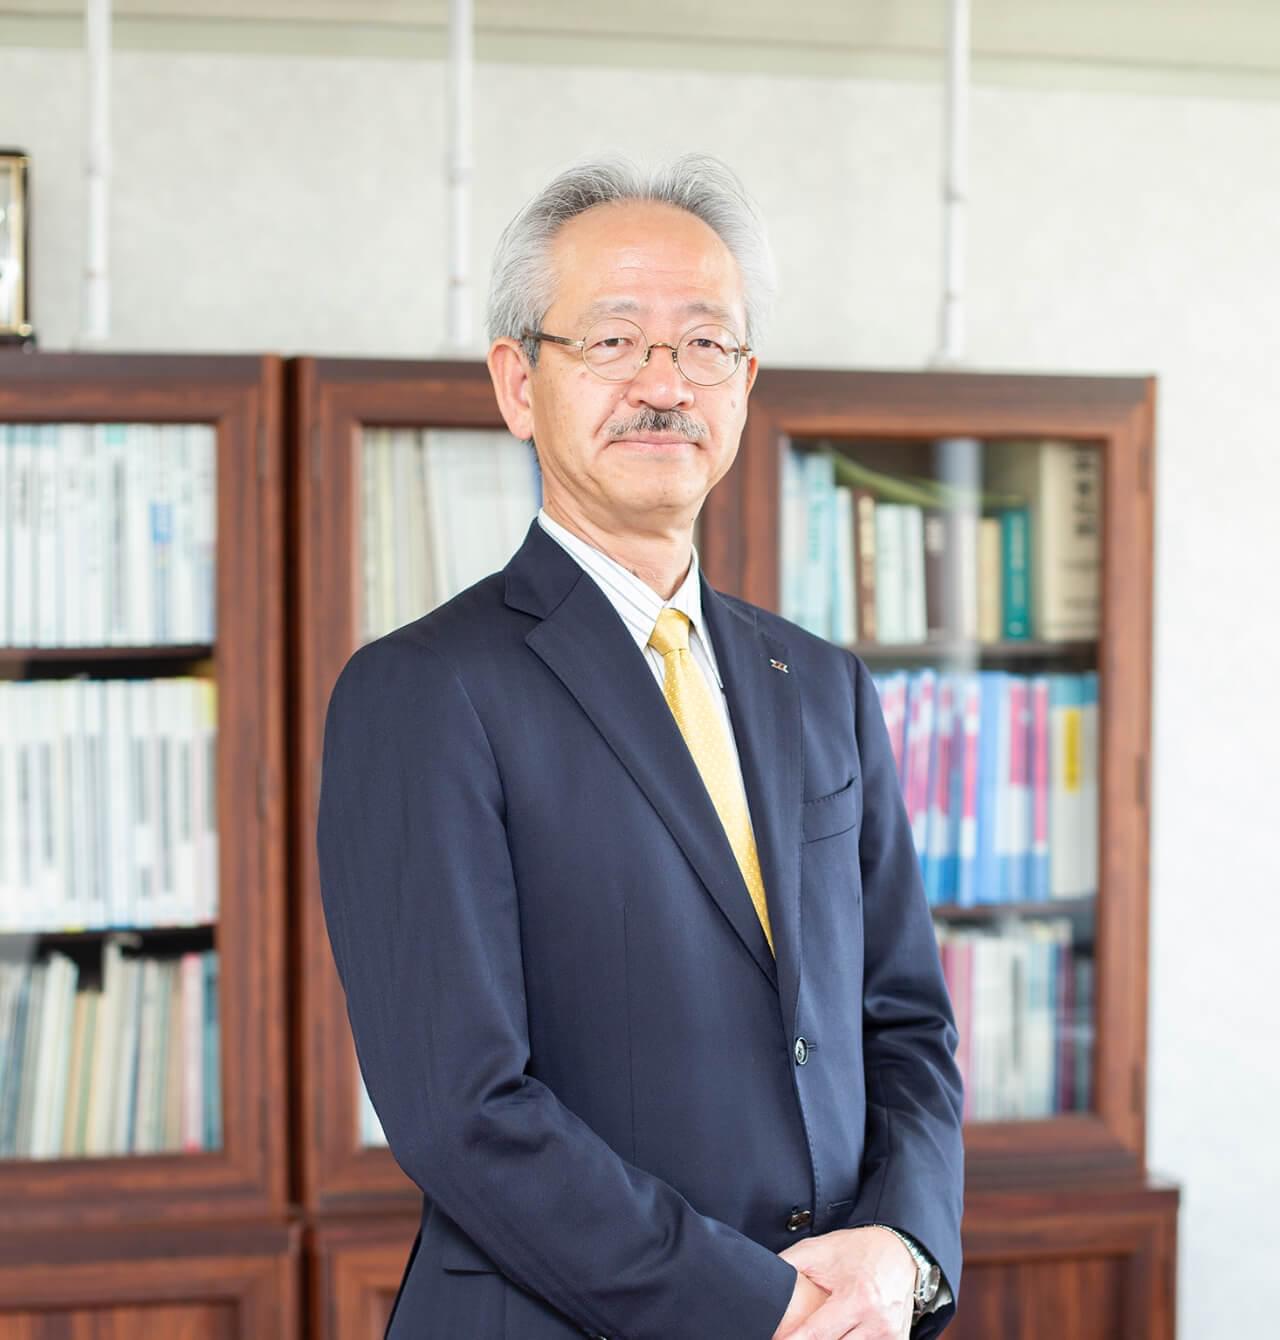 ニイミ産業株式会社 取締役社長 新美良夫様